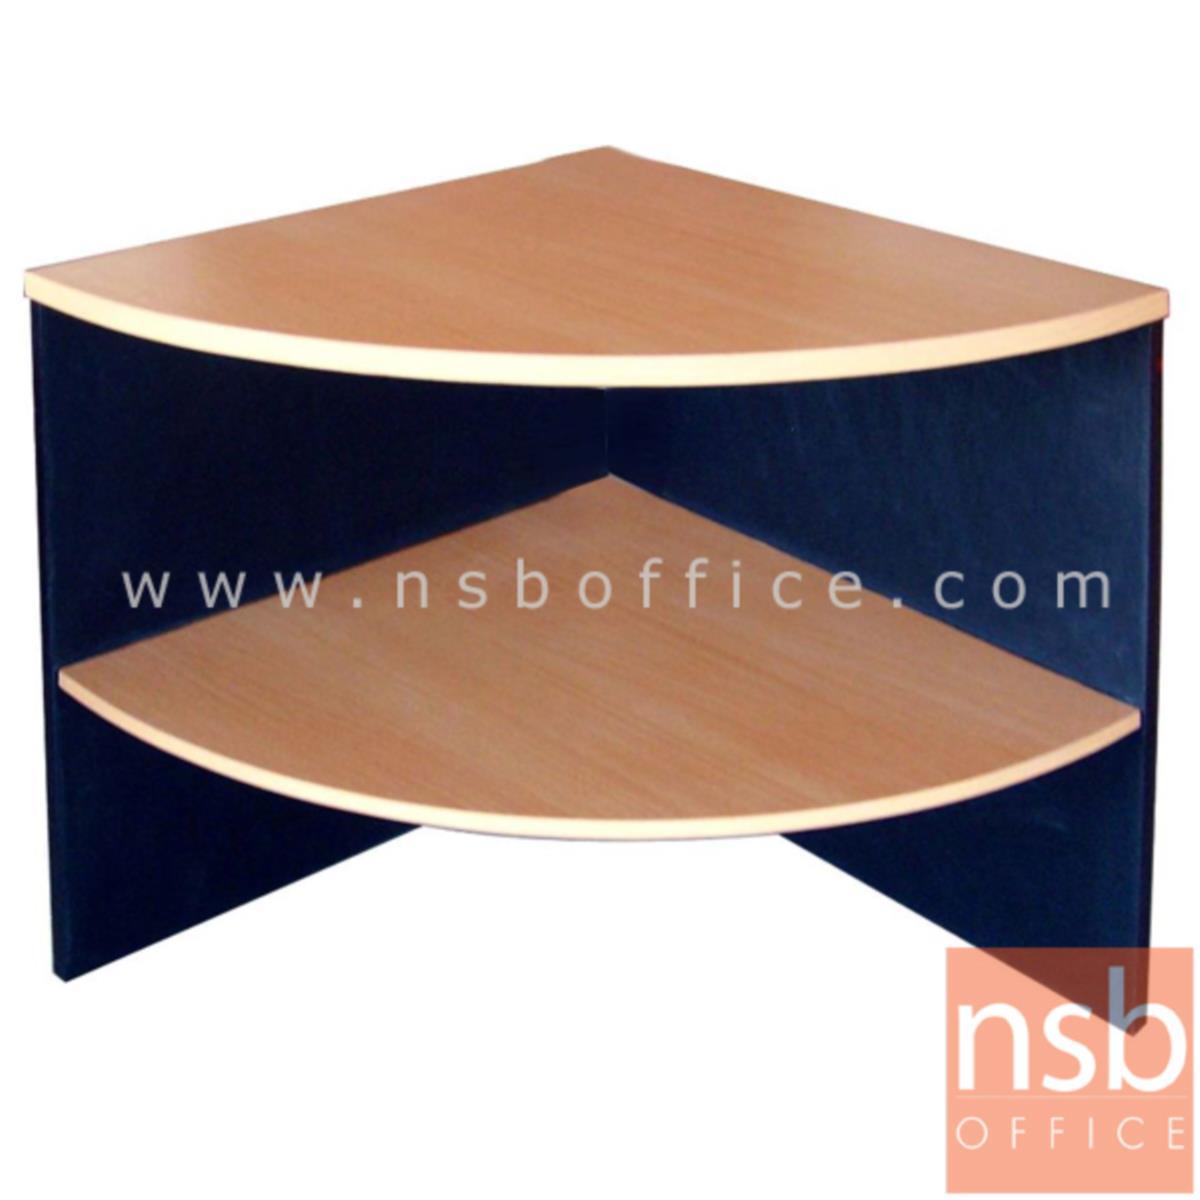 A16A009:โต๊ะเข้ามุม 2 ชั้น รุ่น Linkin (ลิงคิน) รัศมี R60 ,R75 cm.  เมลามีน